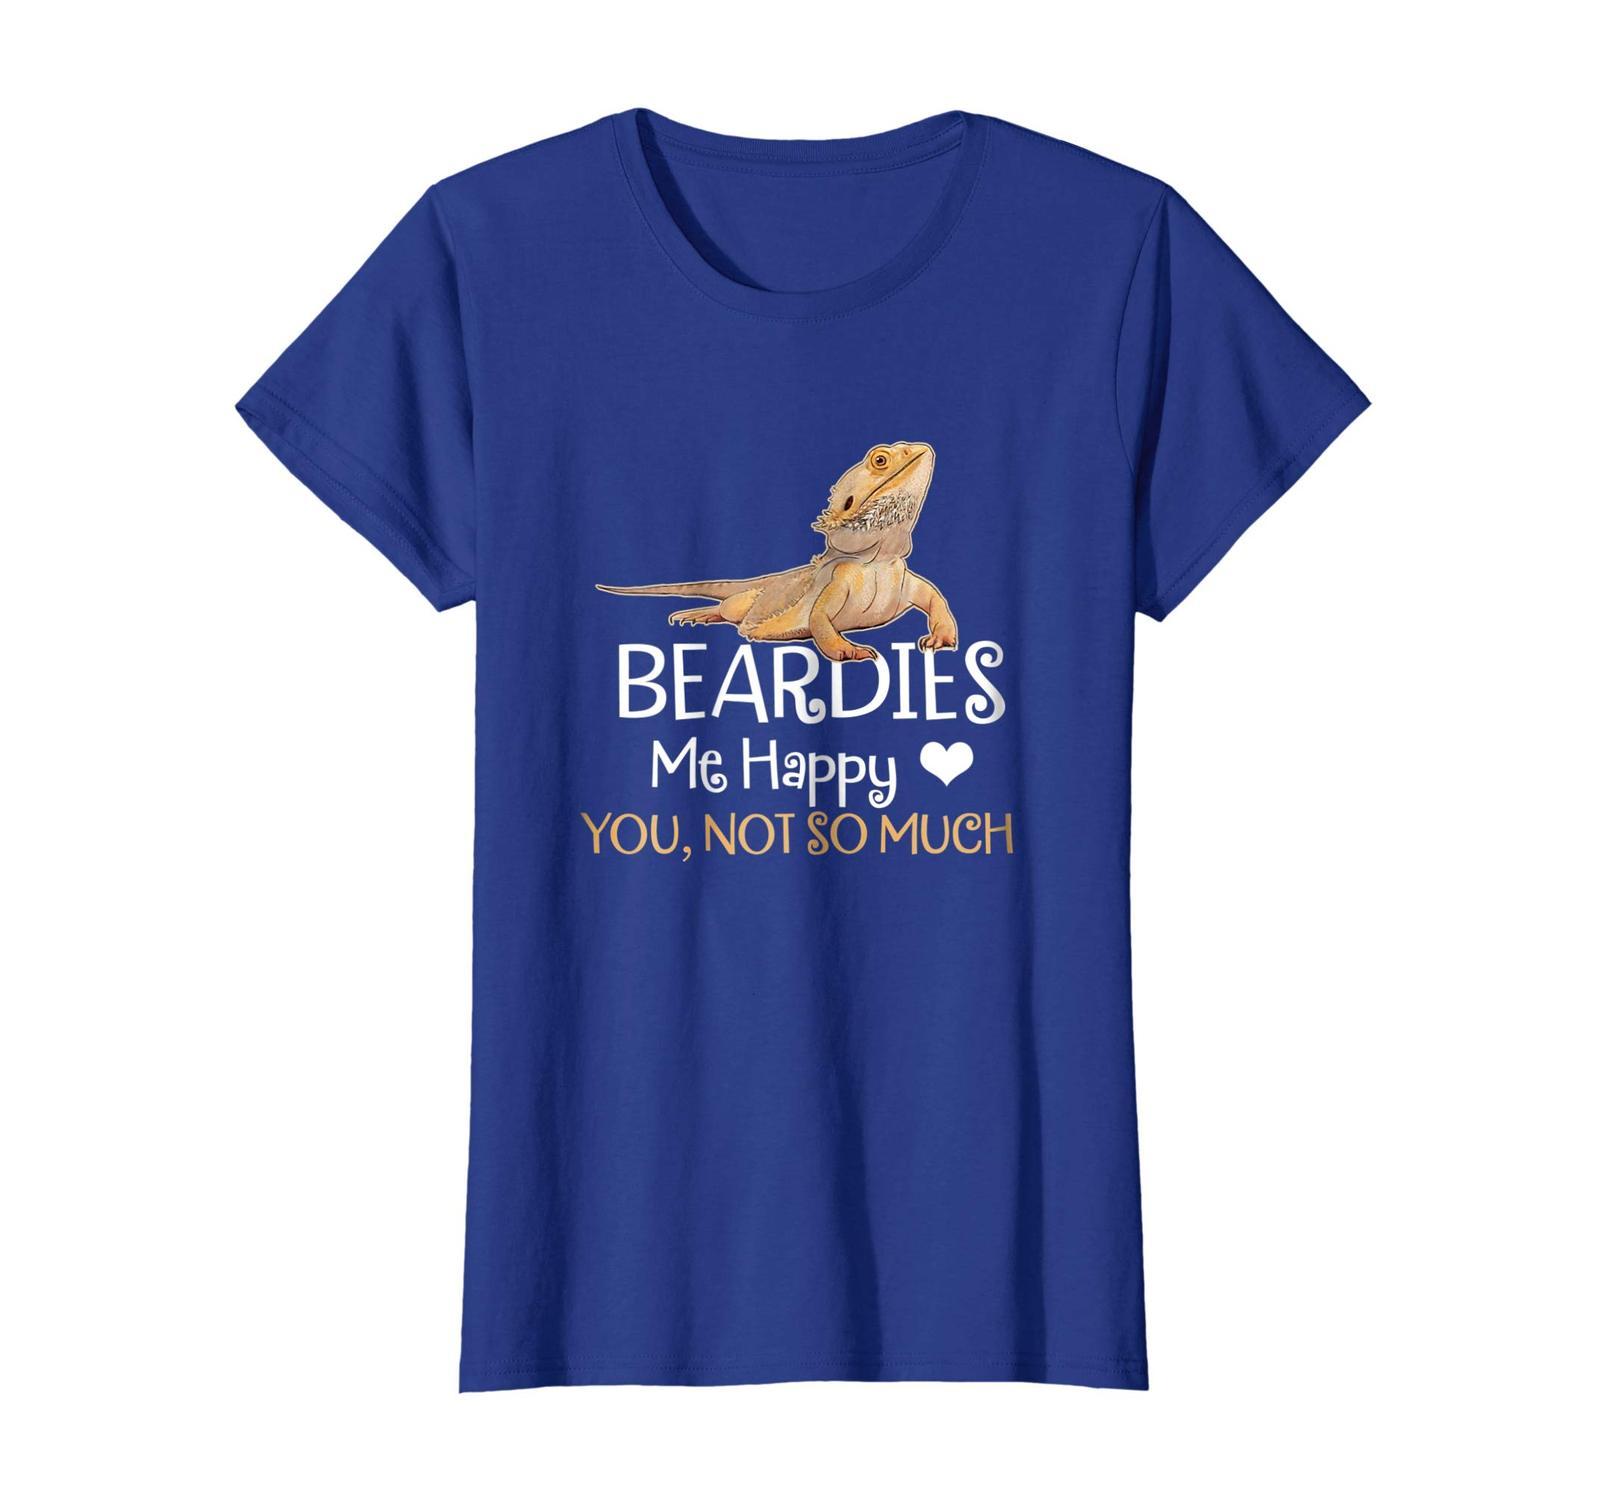 New Shirt - Beardies Make Me Happy You Not So Much Bearded Dragon Shirt Wowen